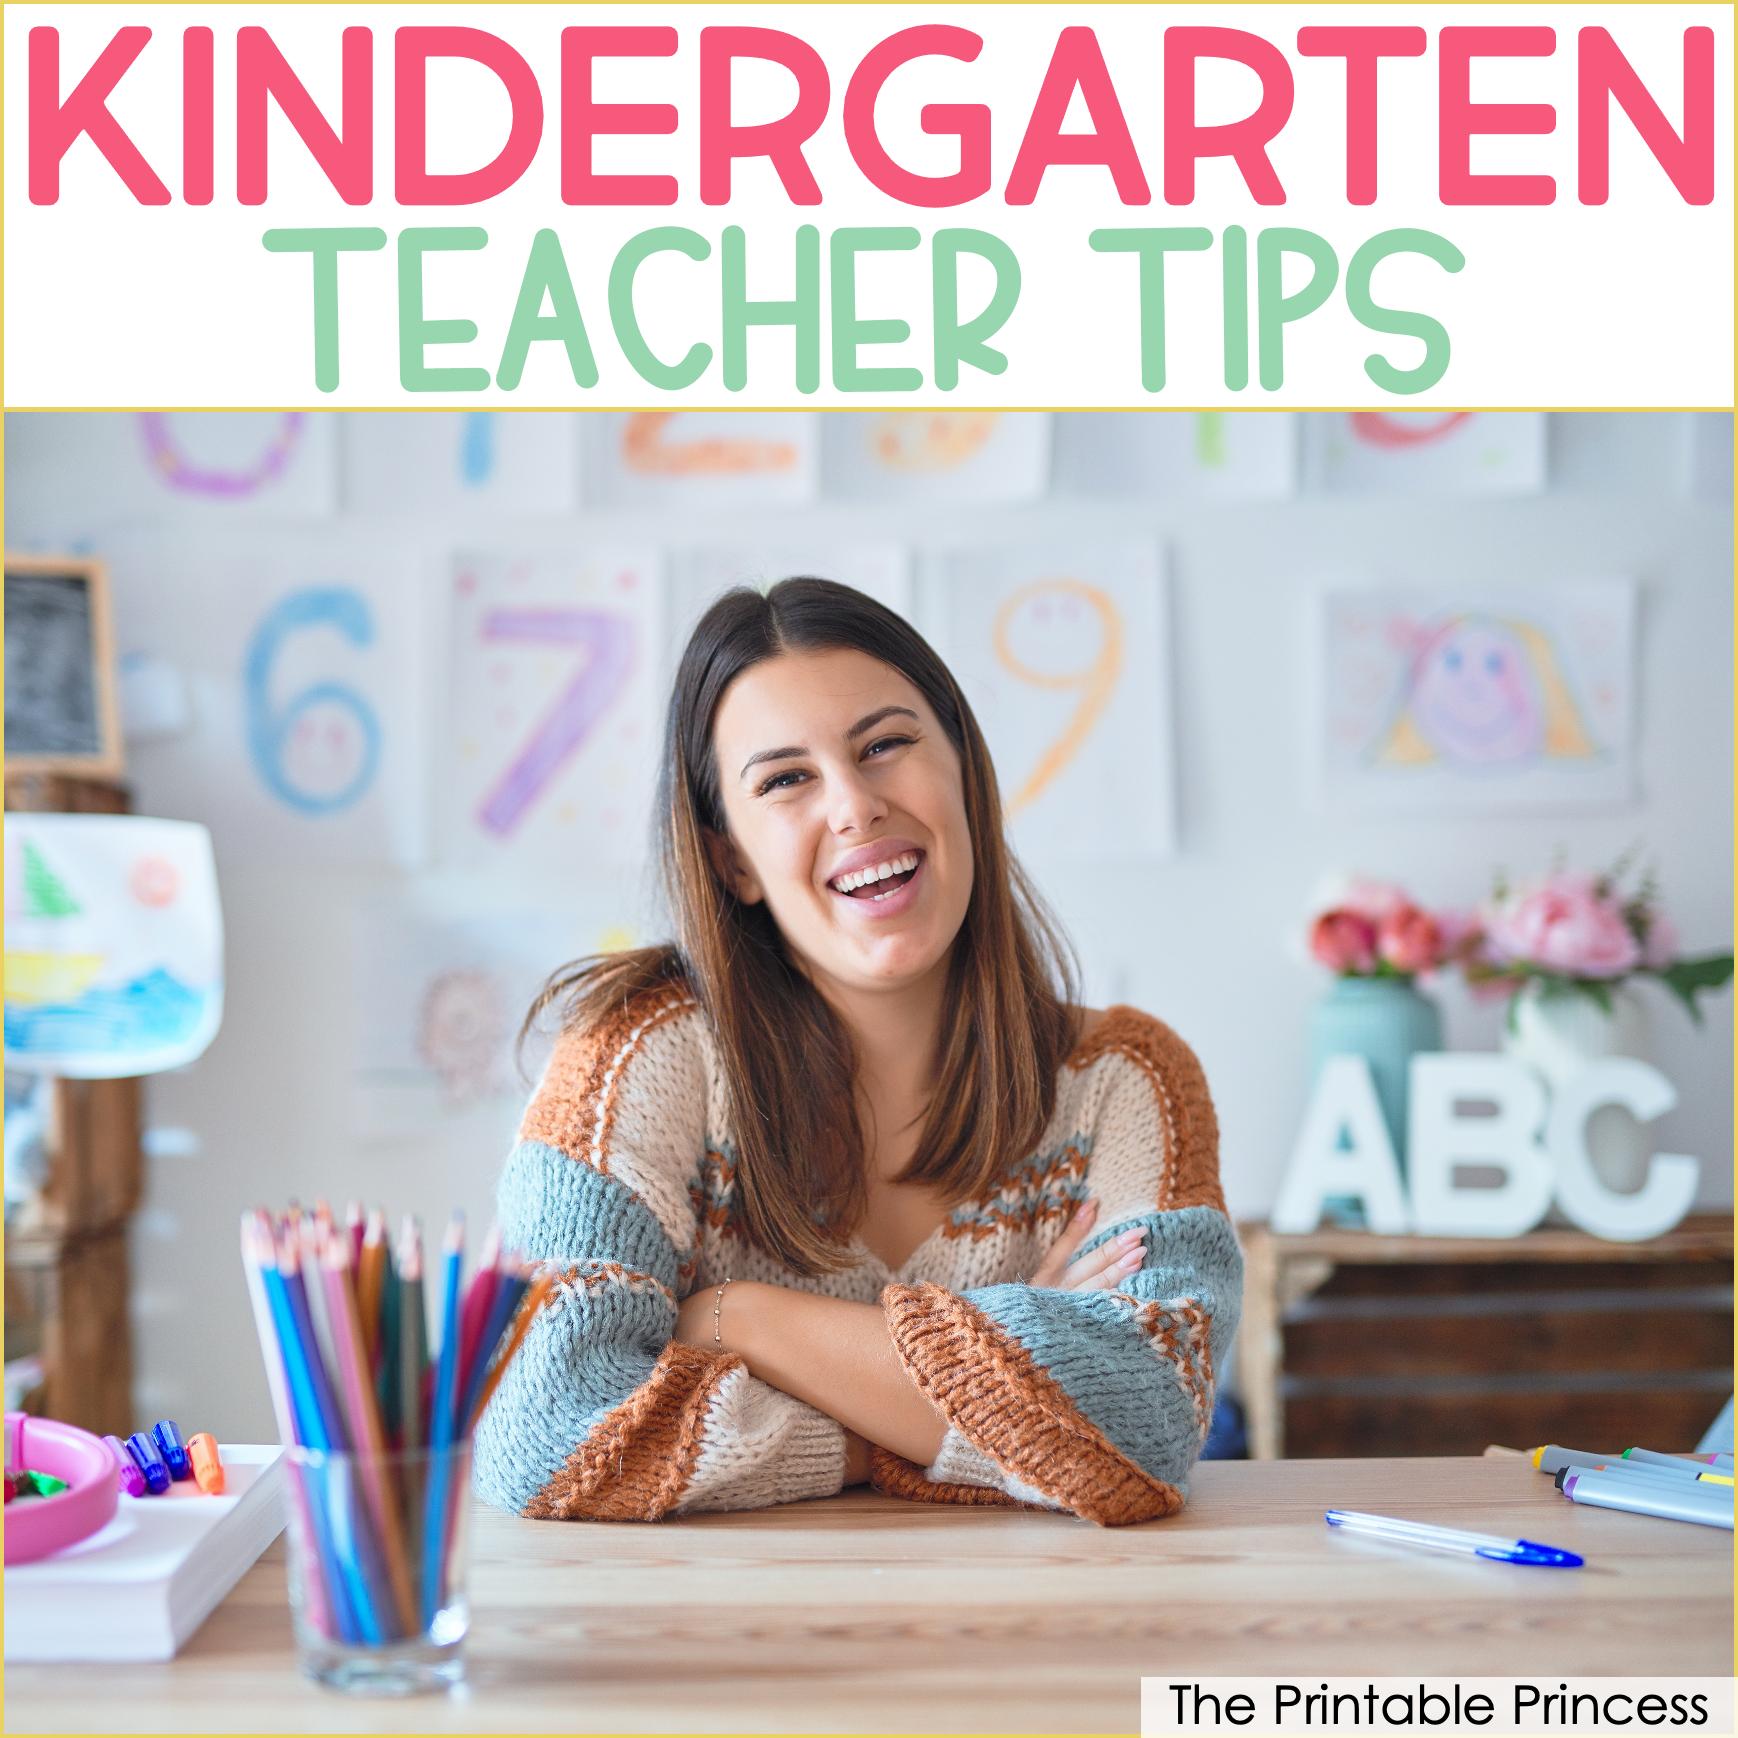 12 Tips for New Kindergarten Teachers